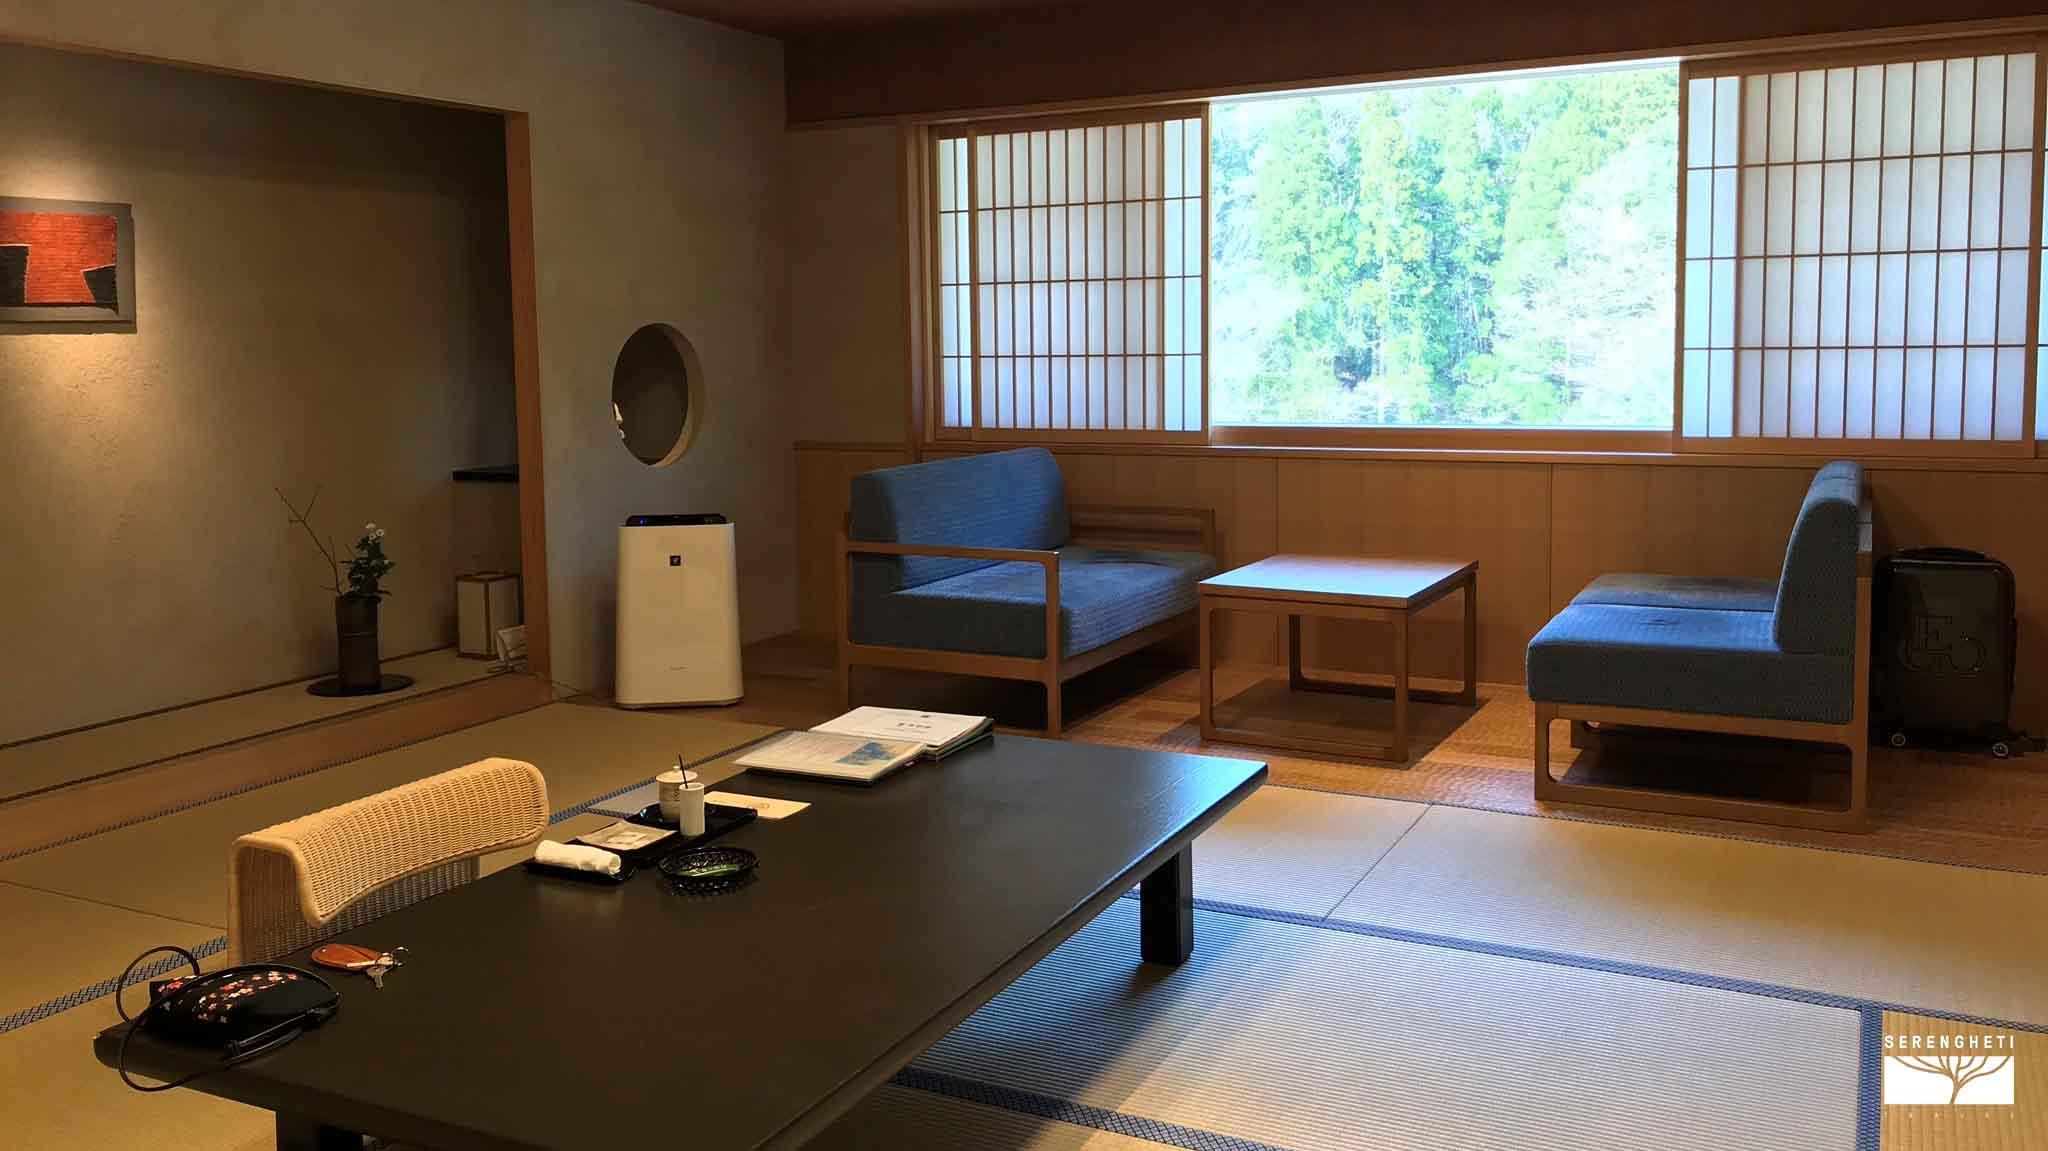 Nishimuraya-shogetsutei